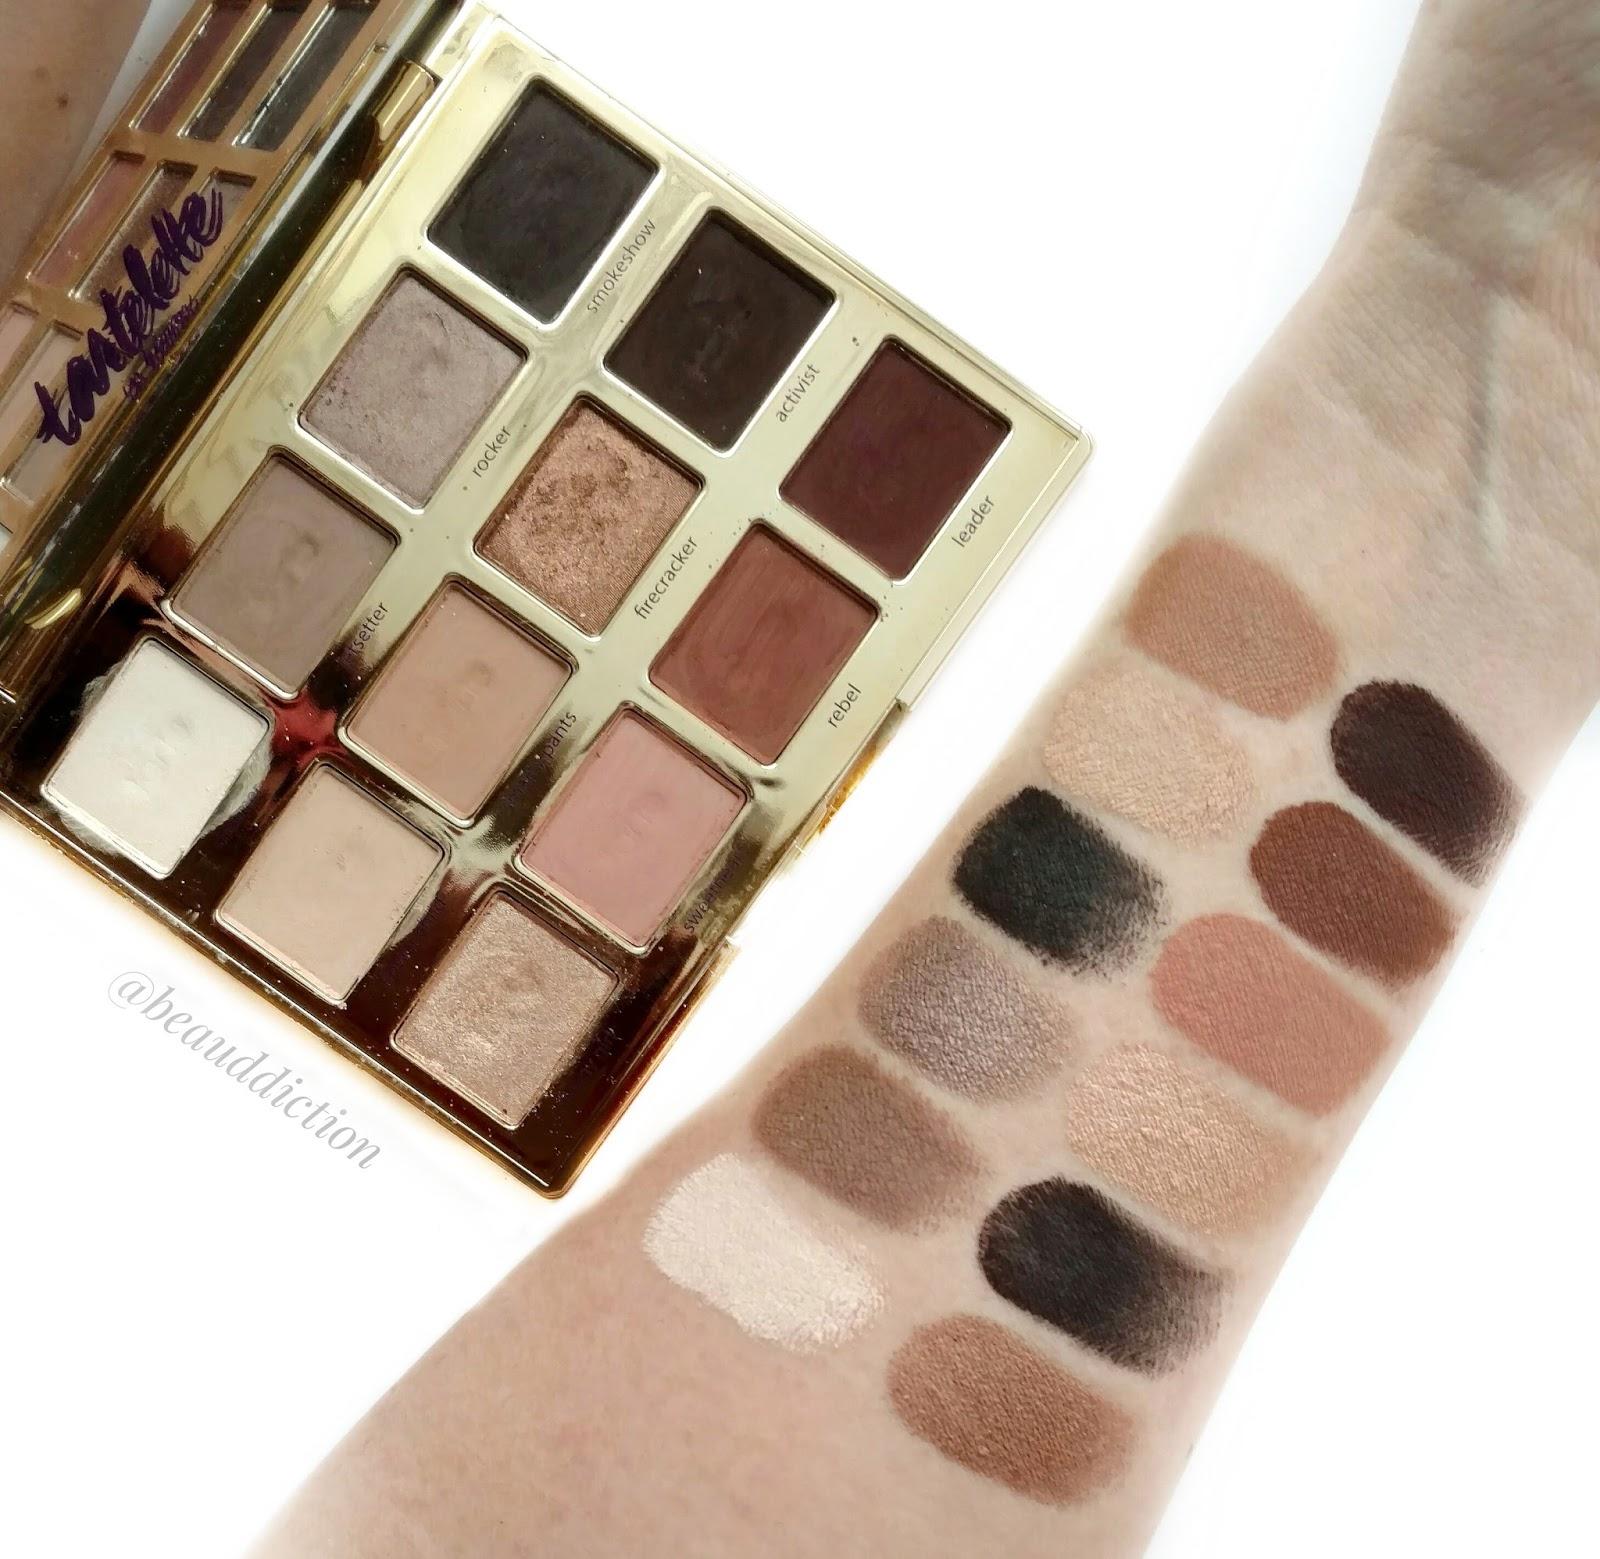 Tartelette Flirt Eyeshadow Palette by Tarte #7